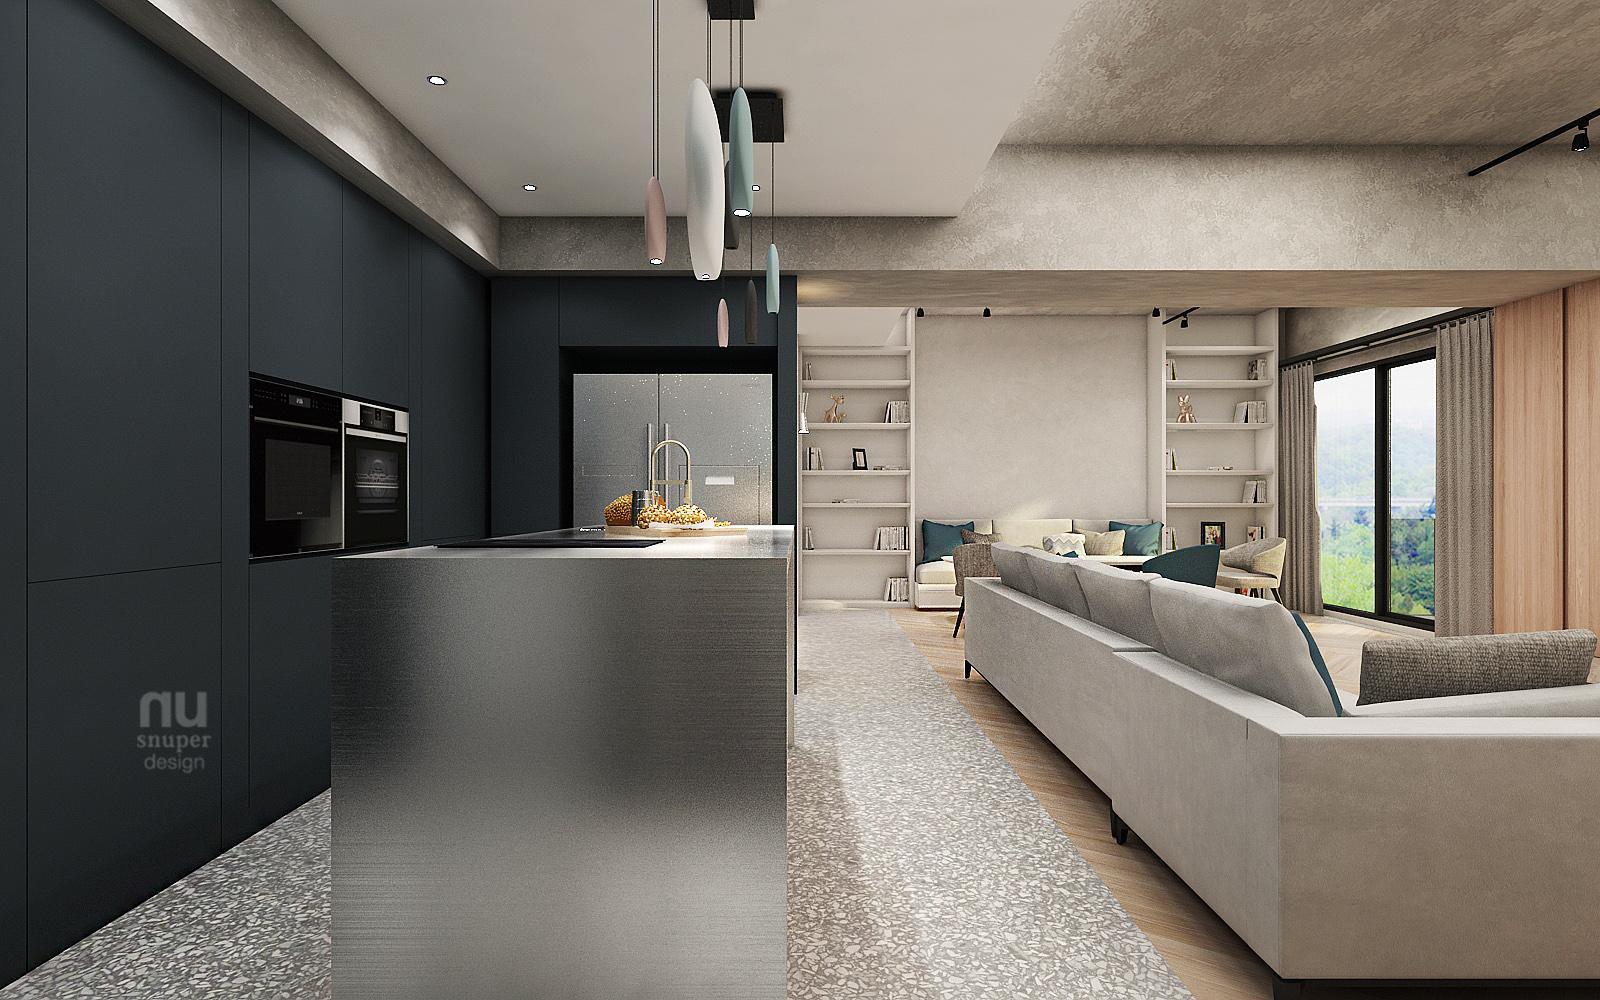 商空設計-做個天馬行空的夢想家-廚房